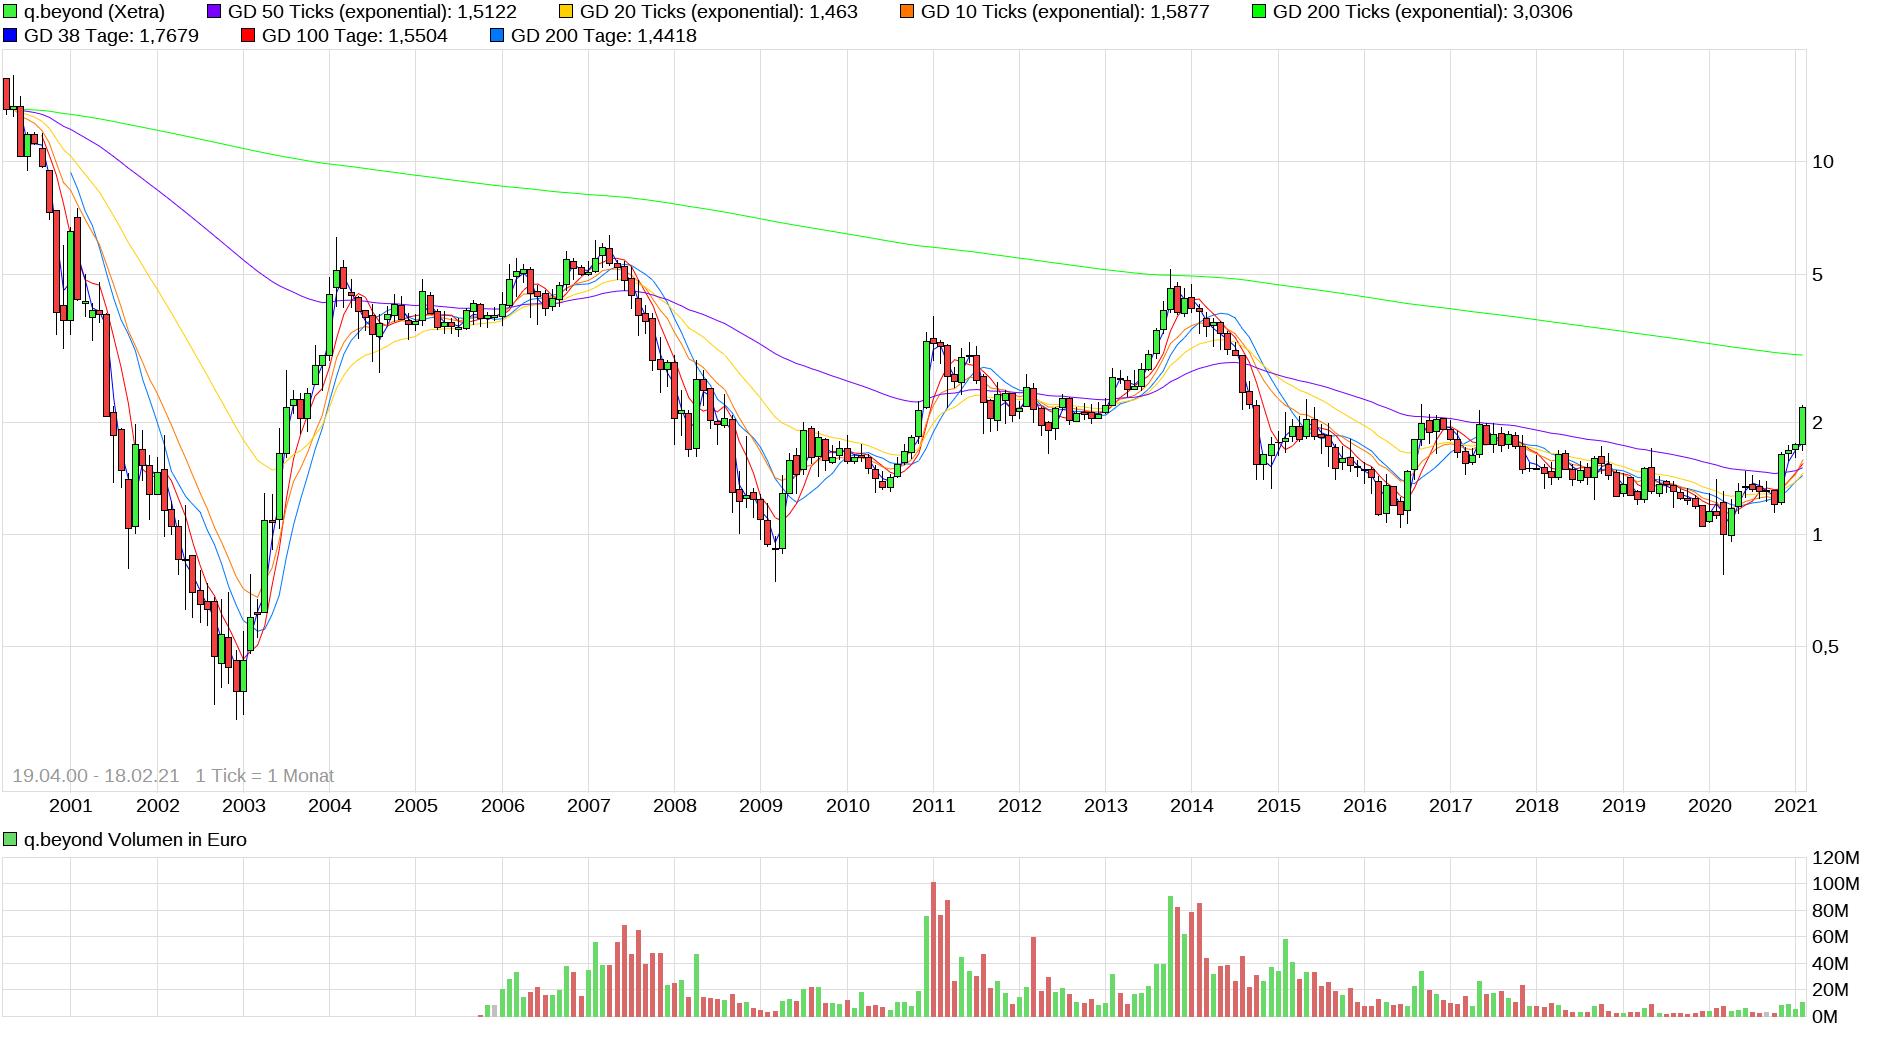 chart_all_qbeyond.png